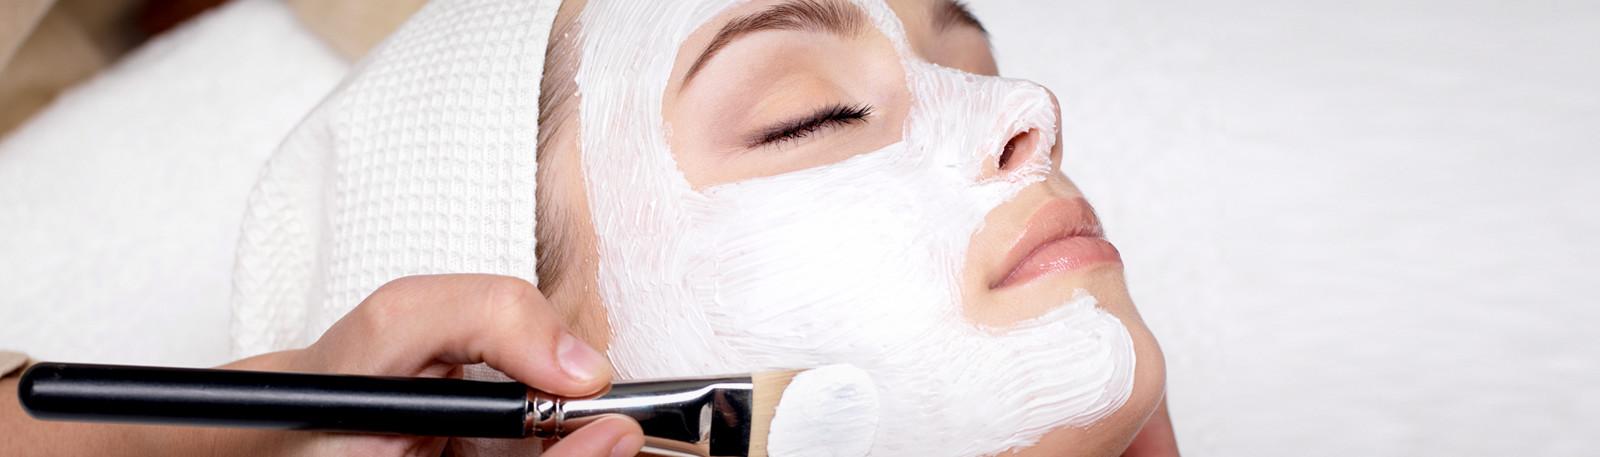 Zabieg wybielania skóry